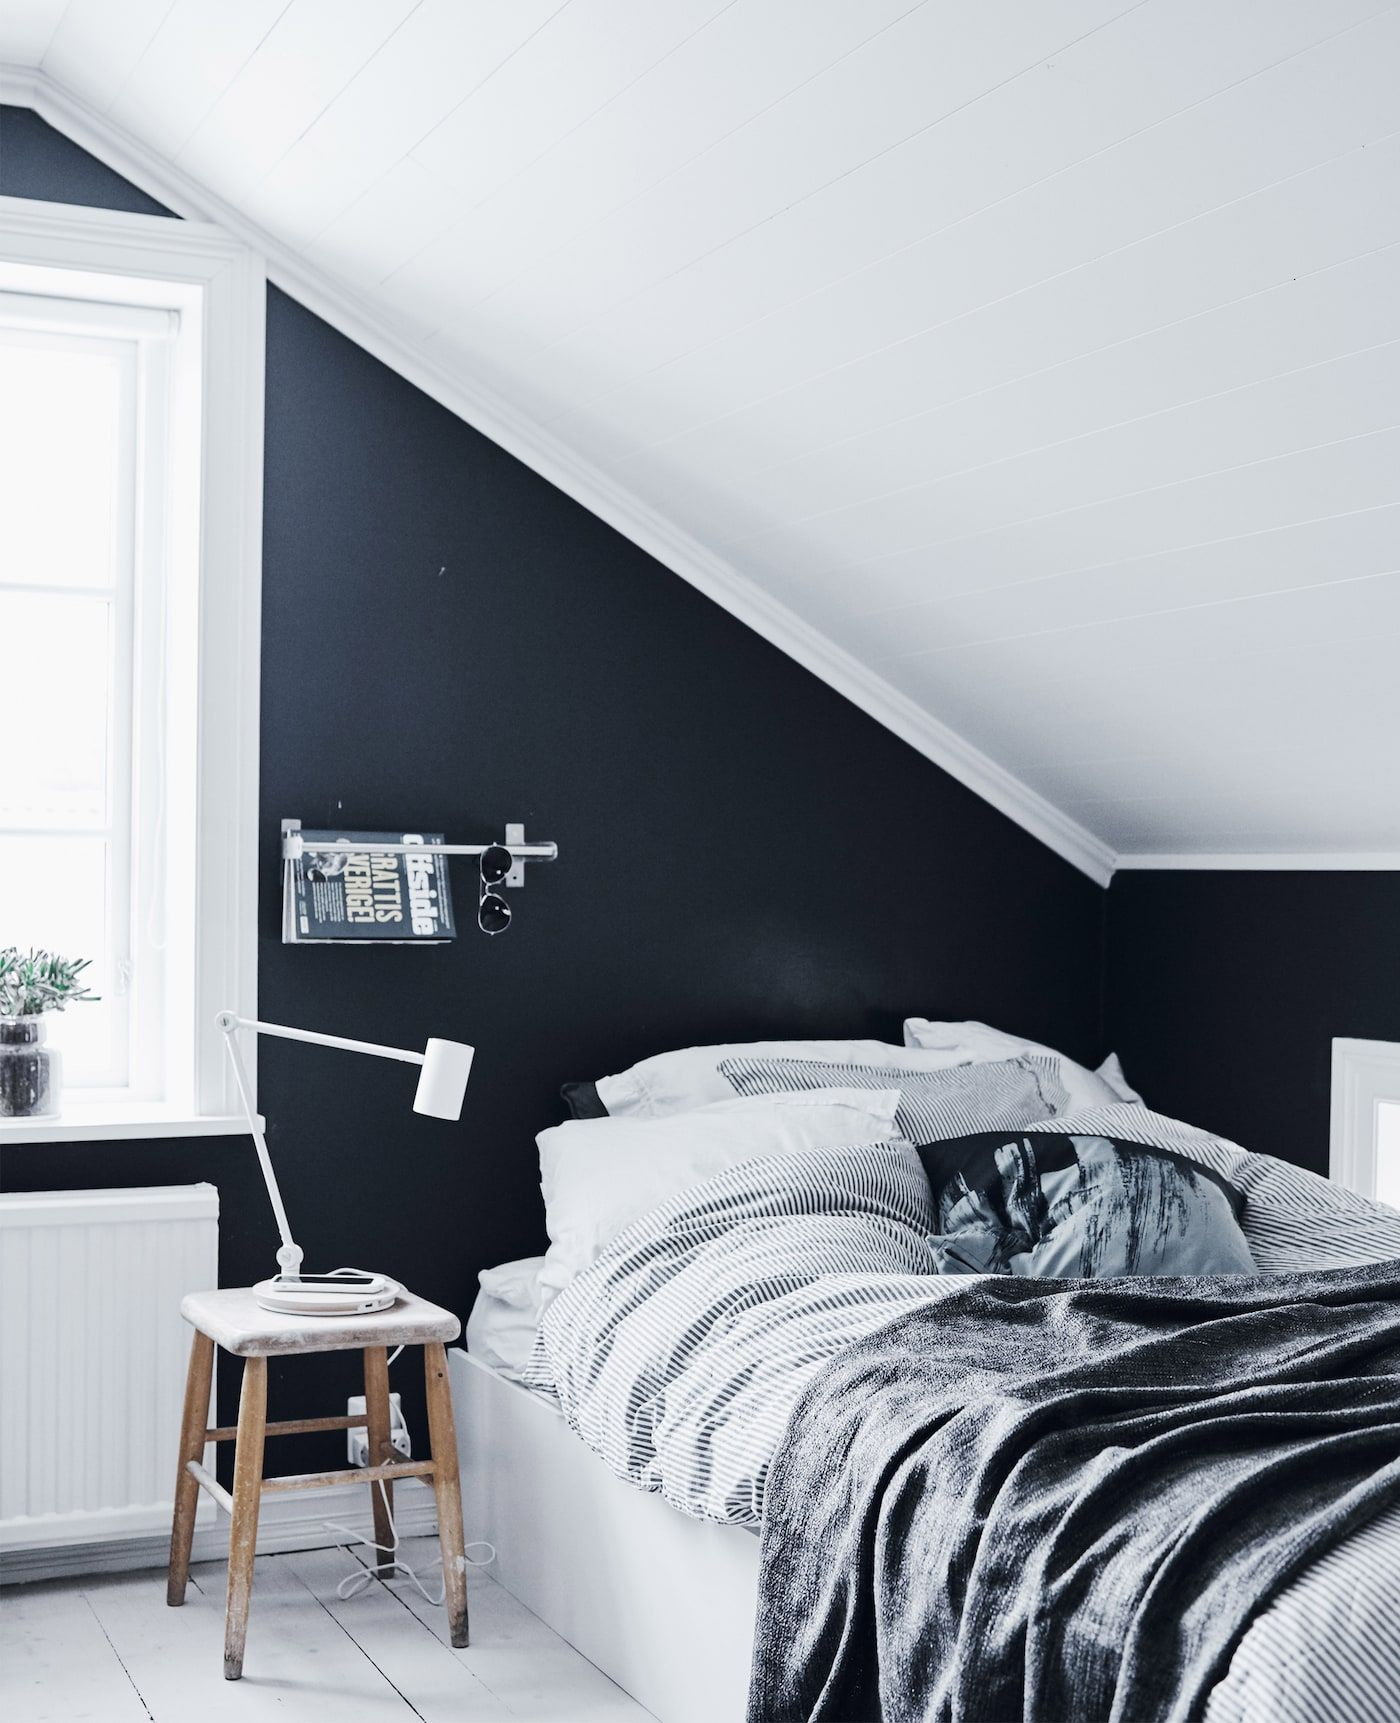 erkunde kinderzimmer graues schlafzimmer und noch mehr - Schlafzimmerideen Des Mannes Grau